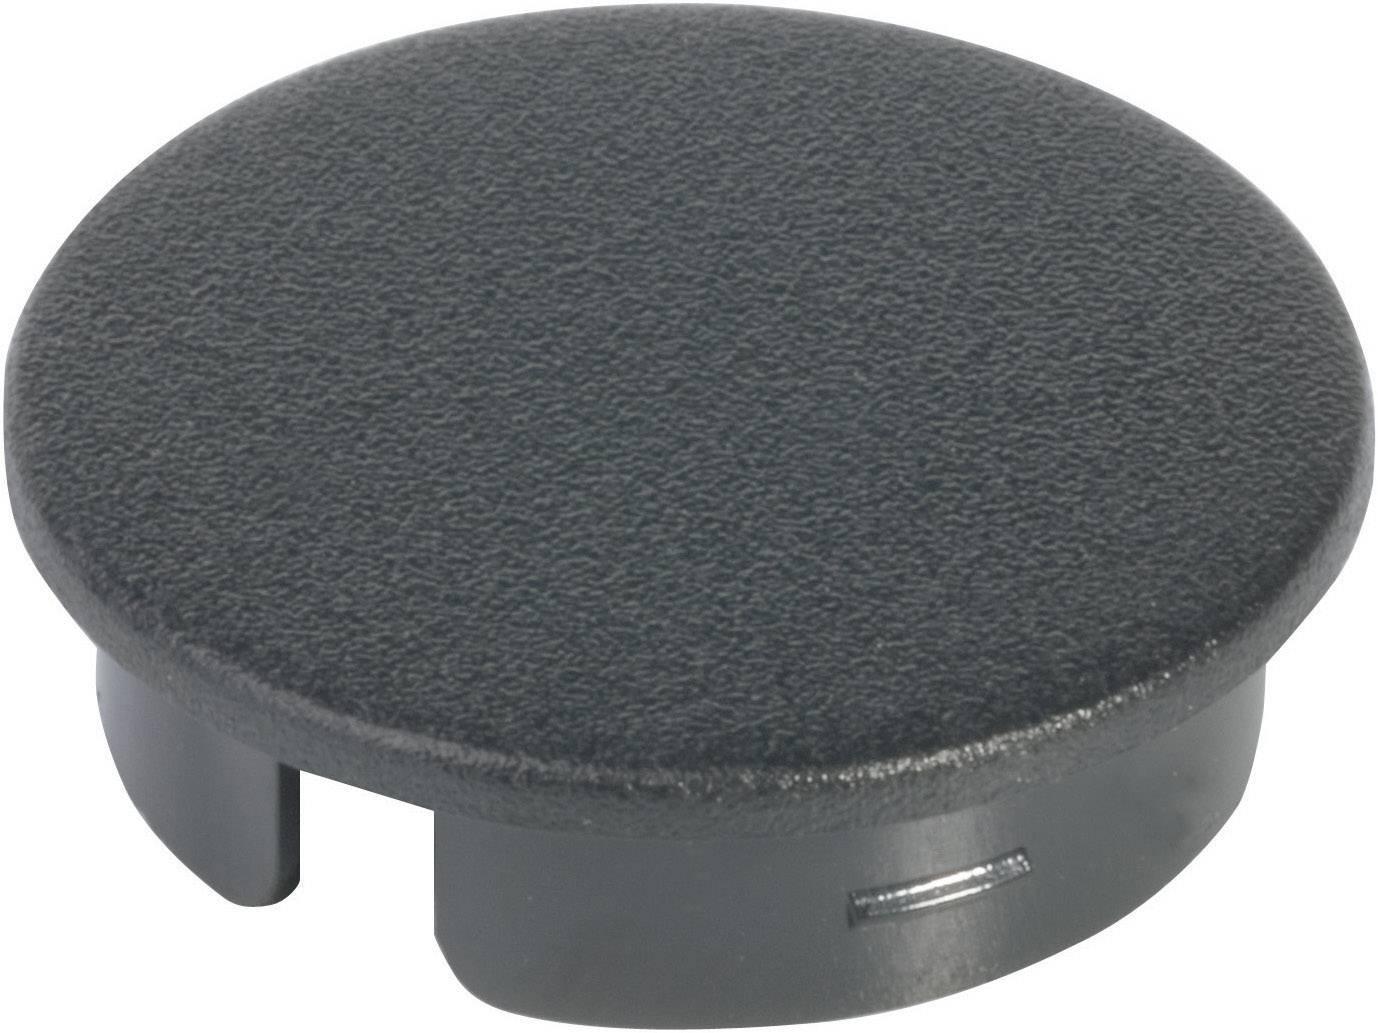 Krytka na otočný knoflík bez ukazatele OKW, pro knoflíky/O 13,5 mm, černá